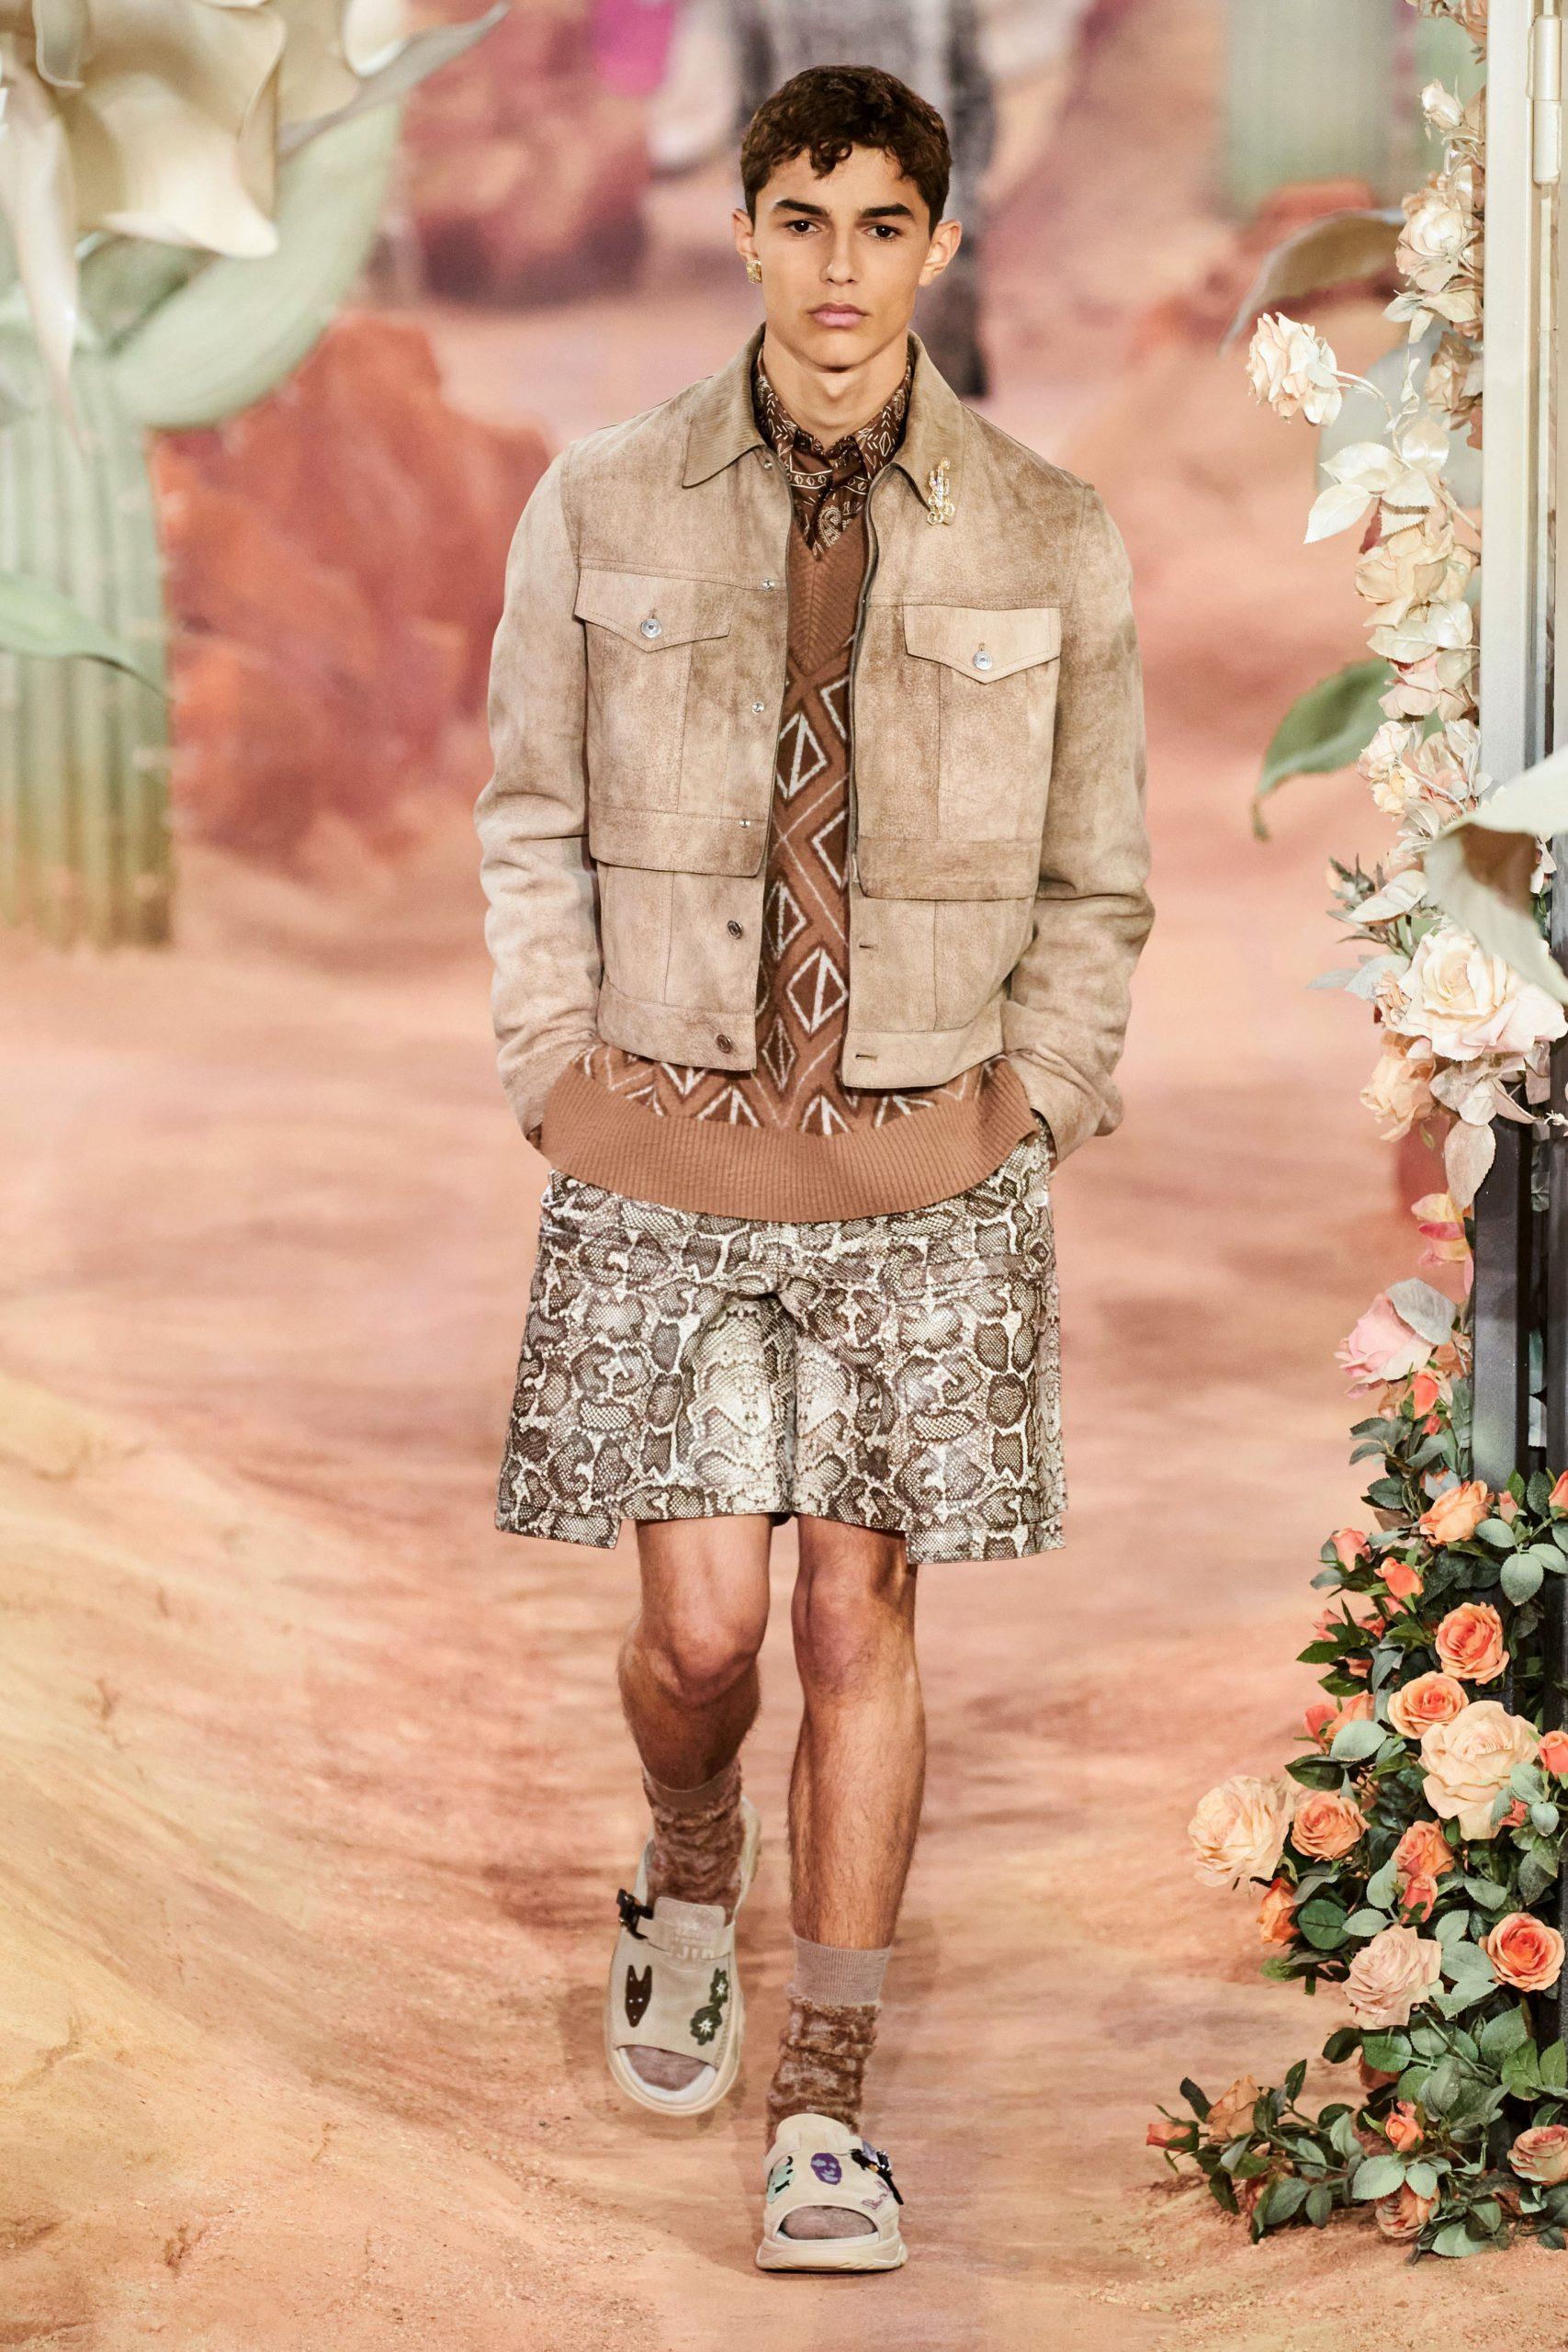 Белла Хадид, Оливье Рустен и Роберт Паттинсон на показе Dior Men SS'22